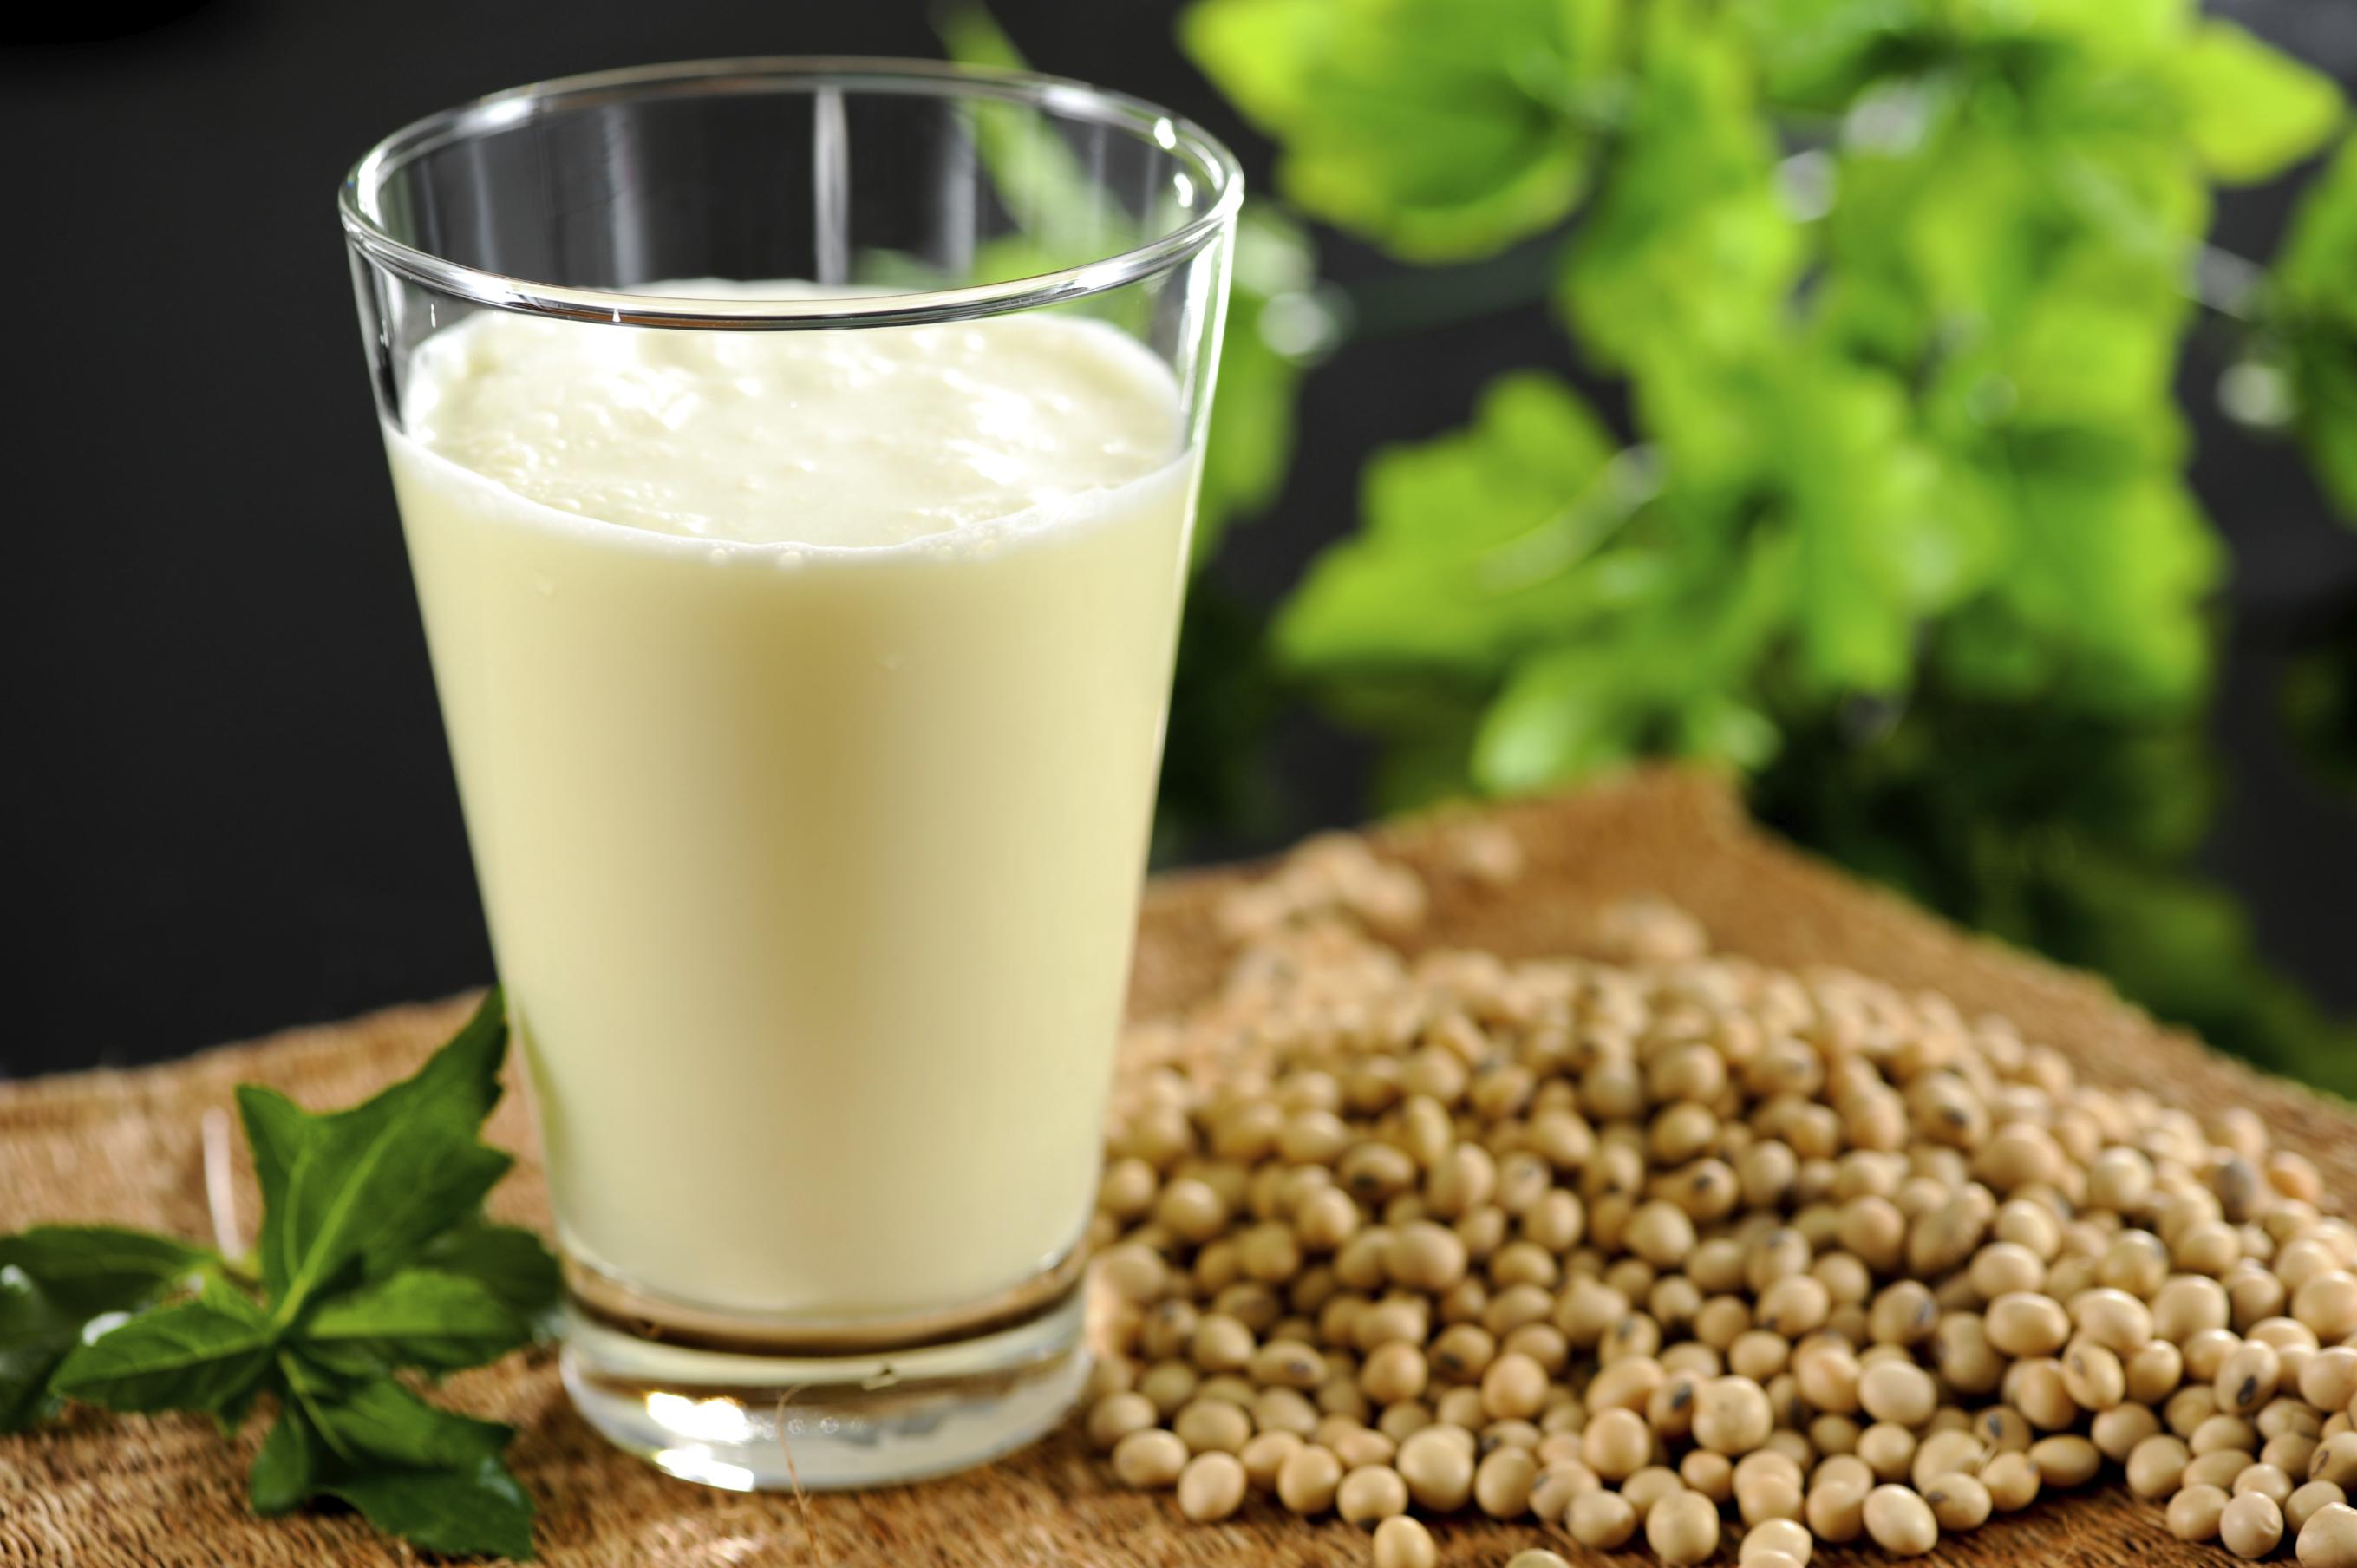 Sữa đậu nành dễ uống và lành tính